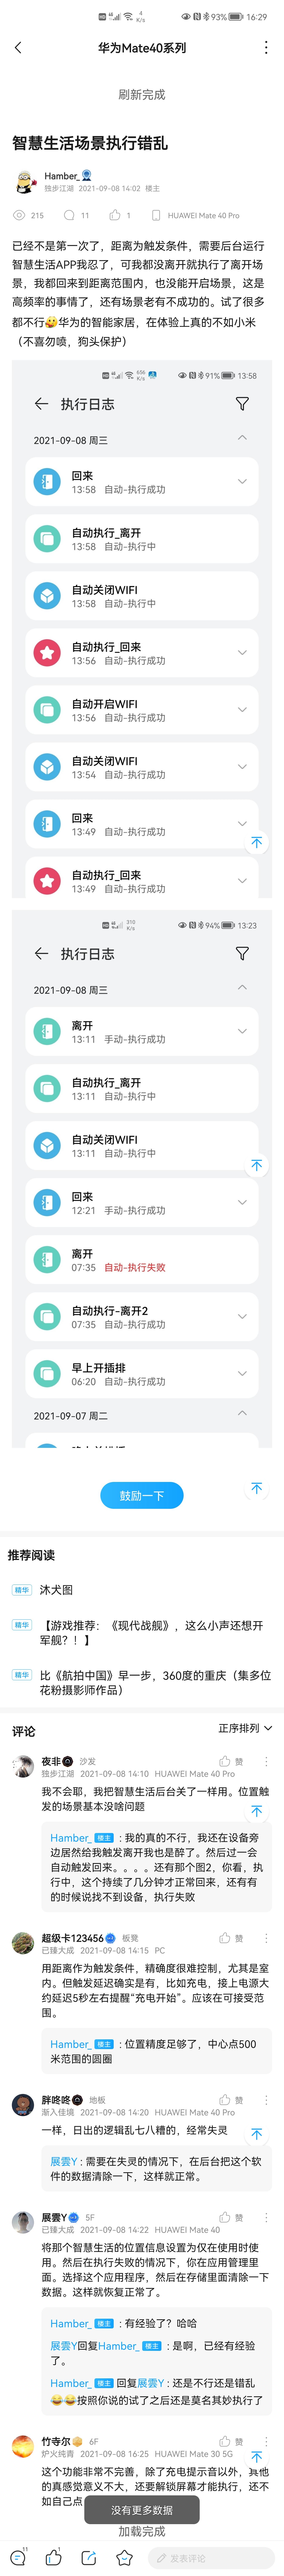 Screenshot_20210908_162924_com.huawei.fans.jpg